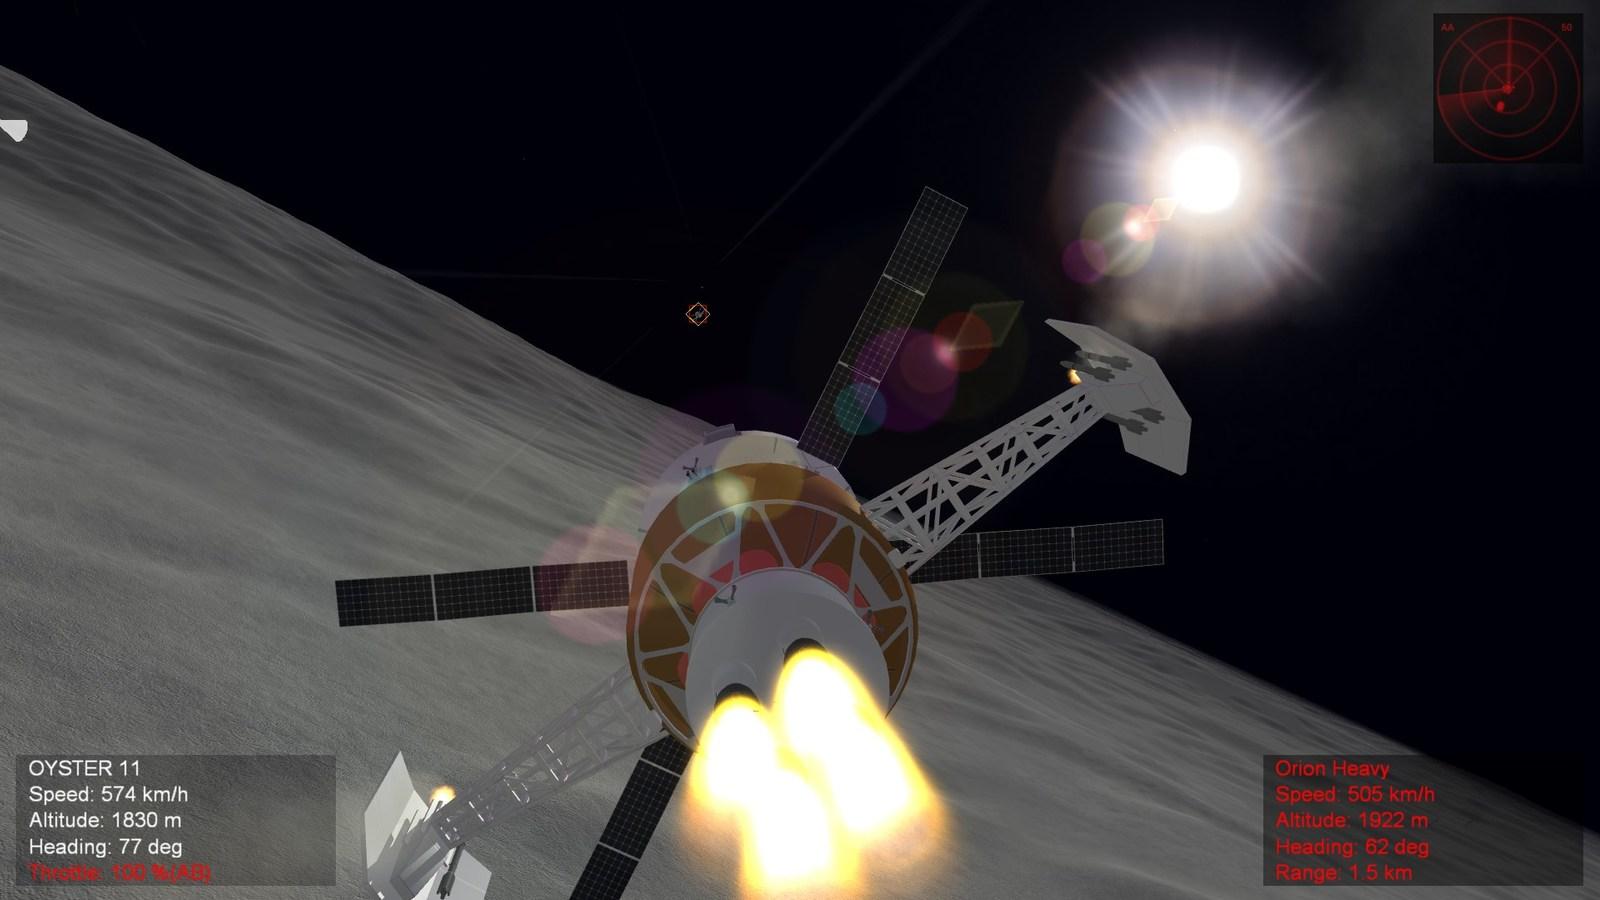 Space adapted guns firing